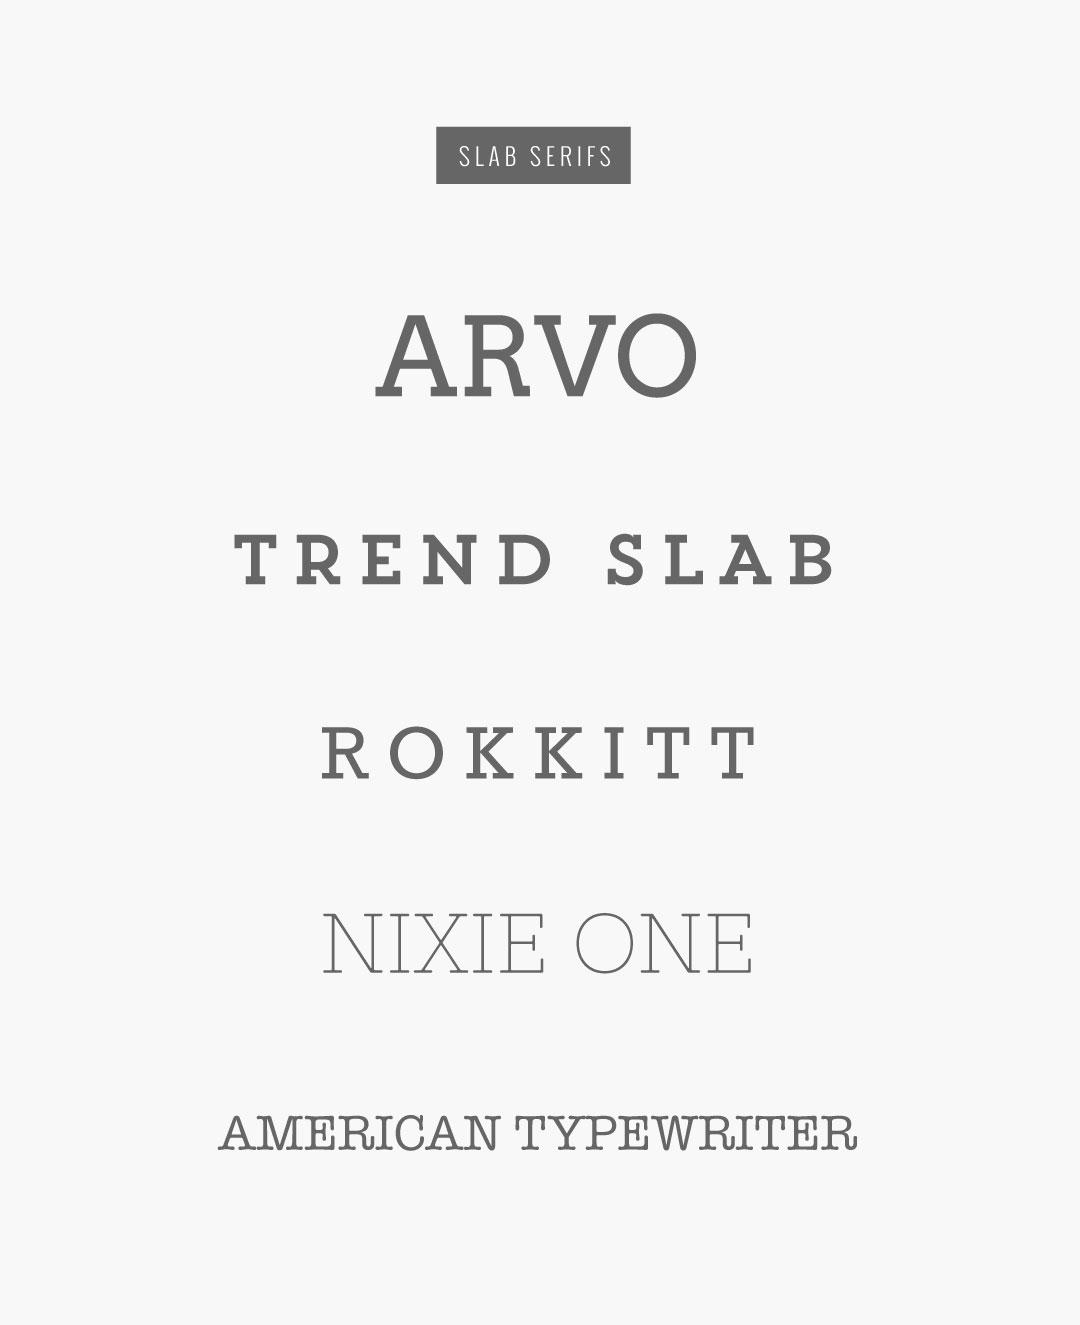 American retro скачать шрифт